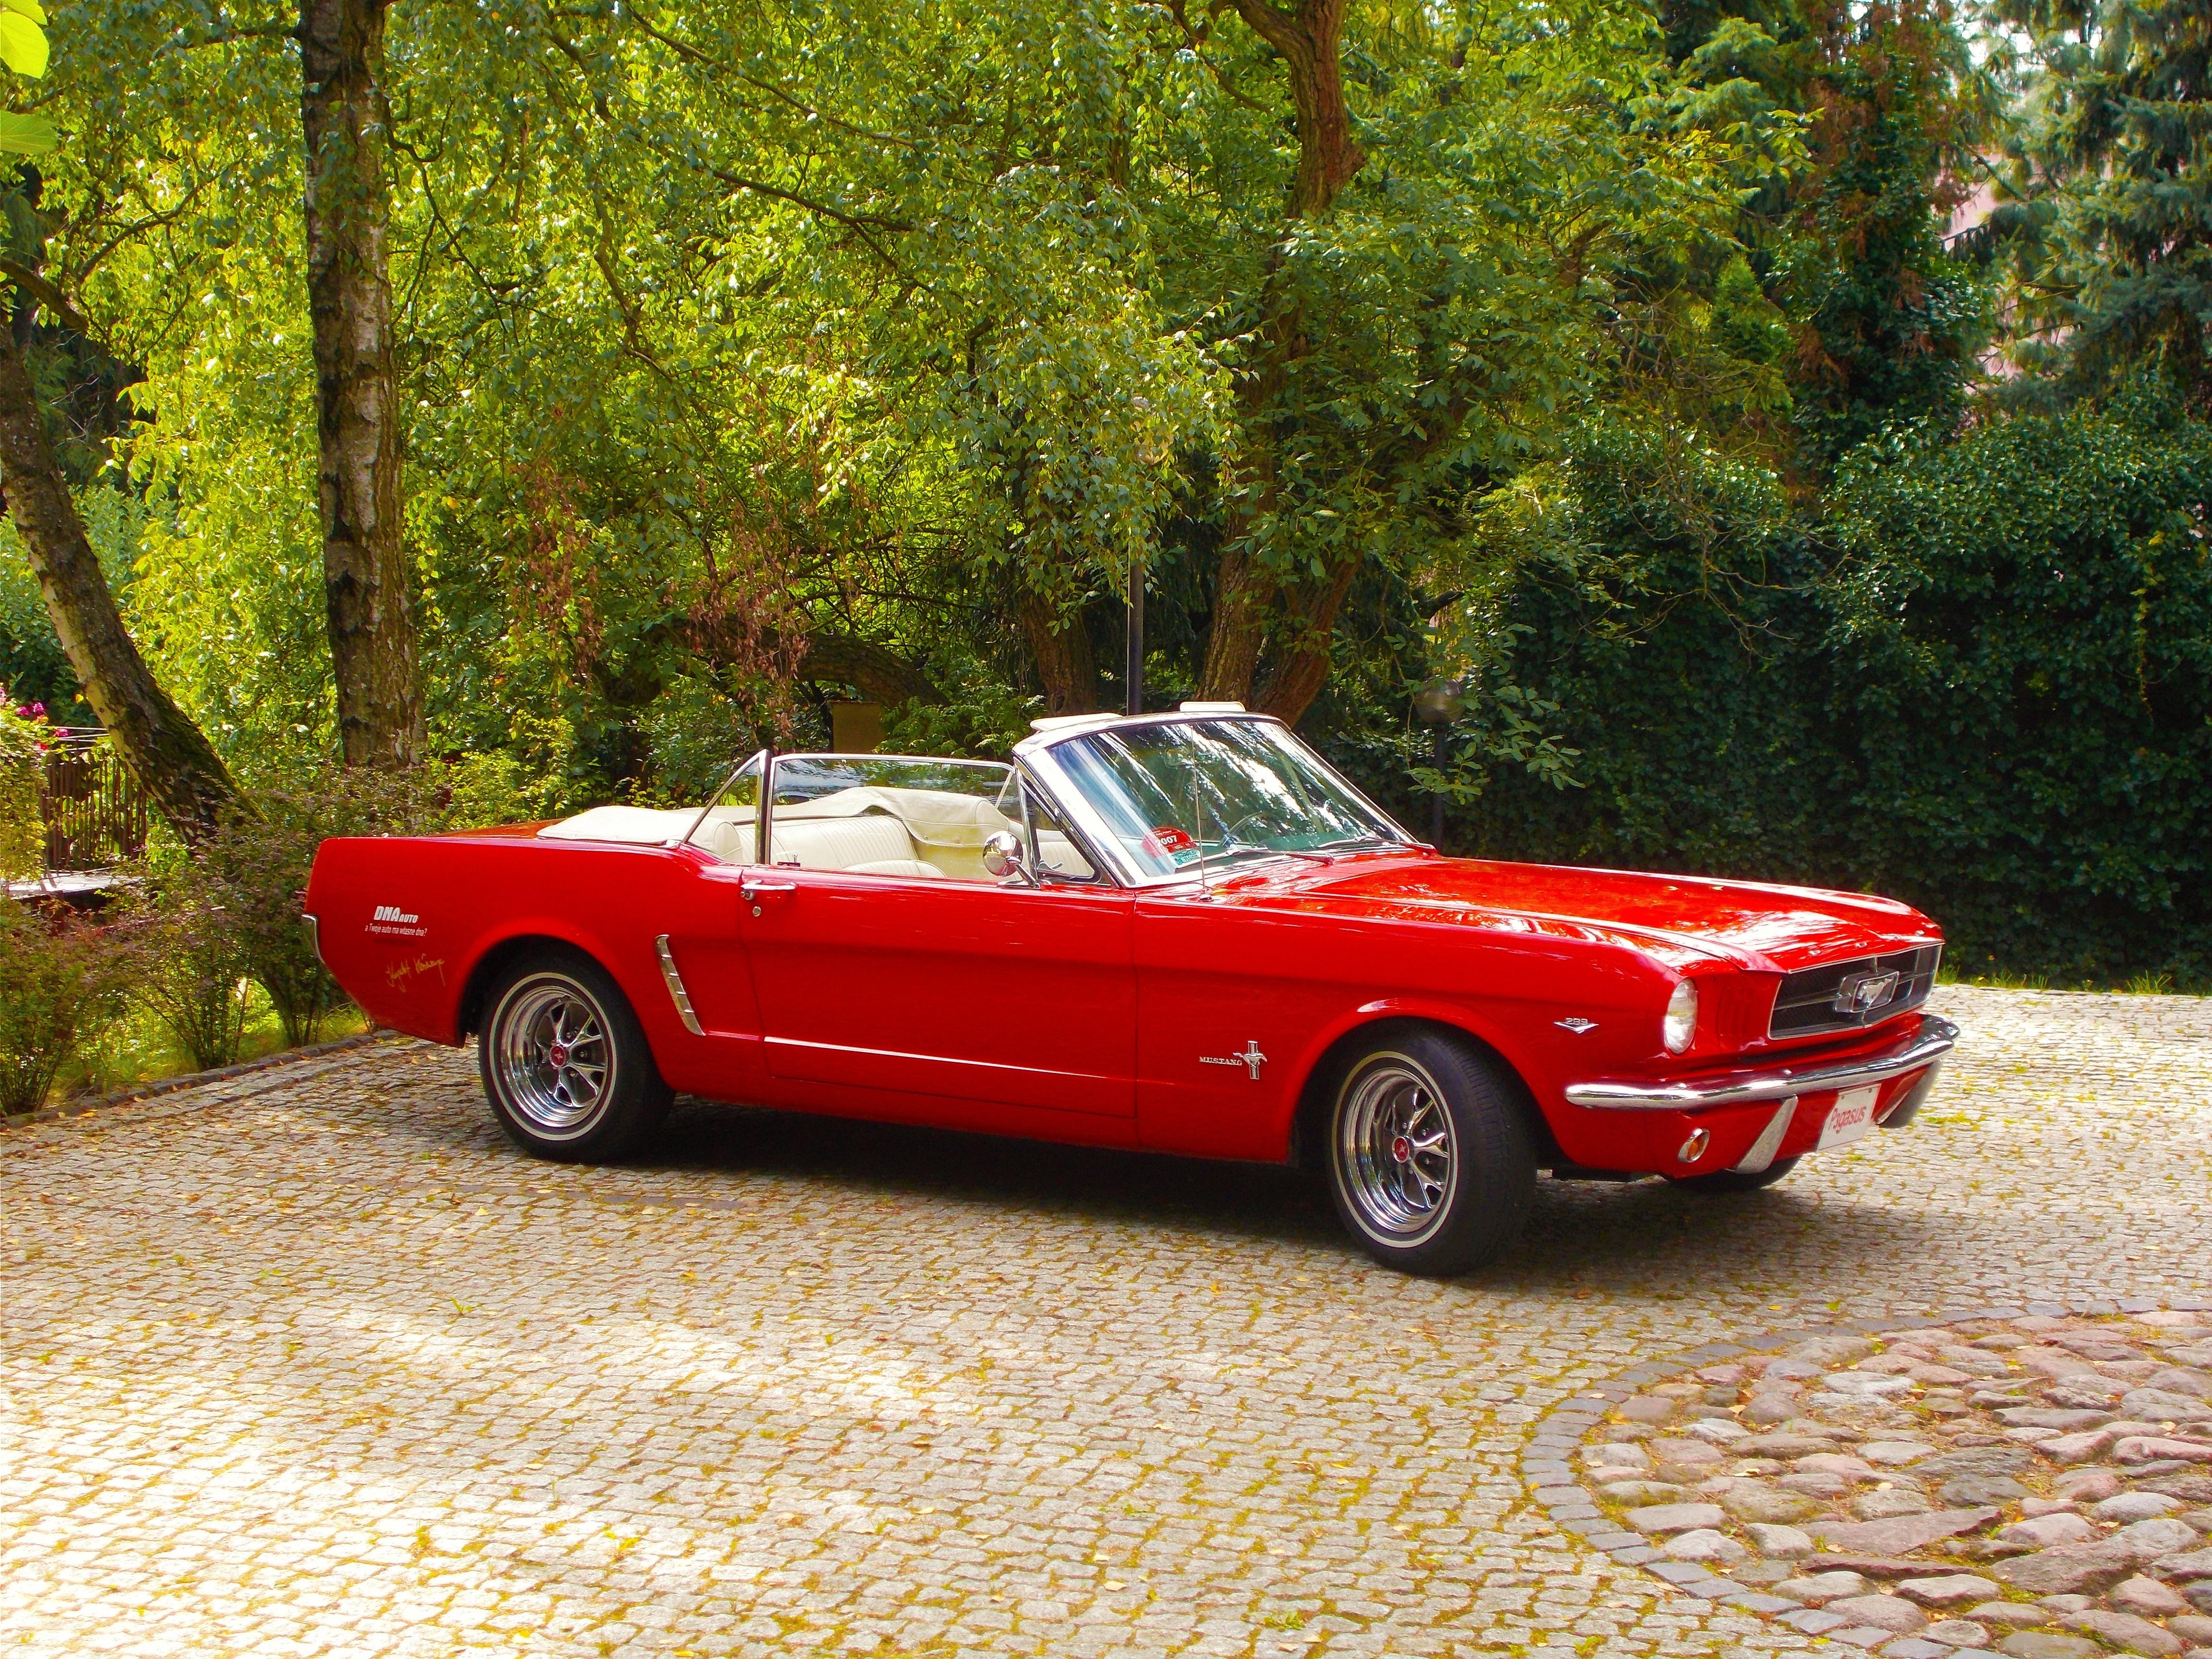 Images gratuites rouge auto historique vieille - Image de vieille voiture ...